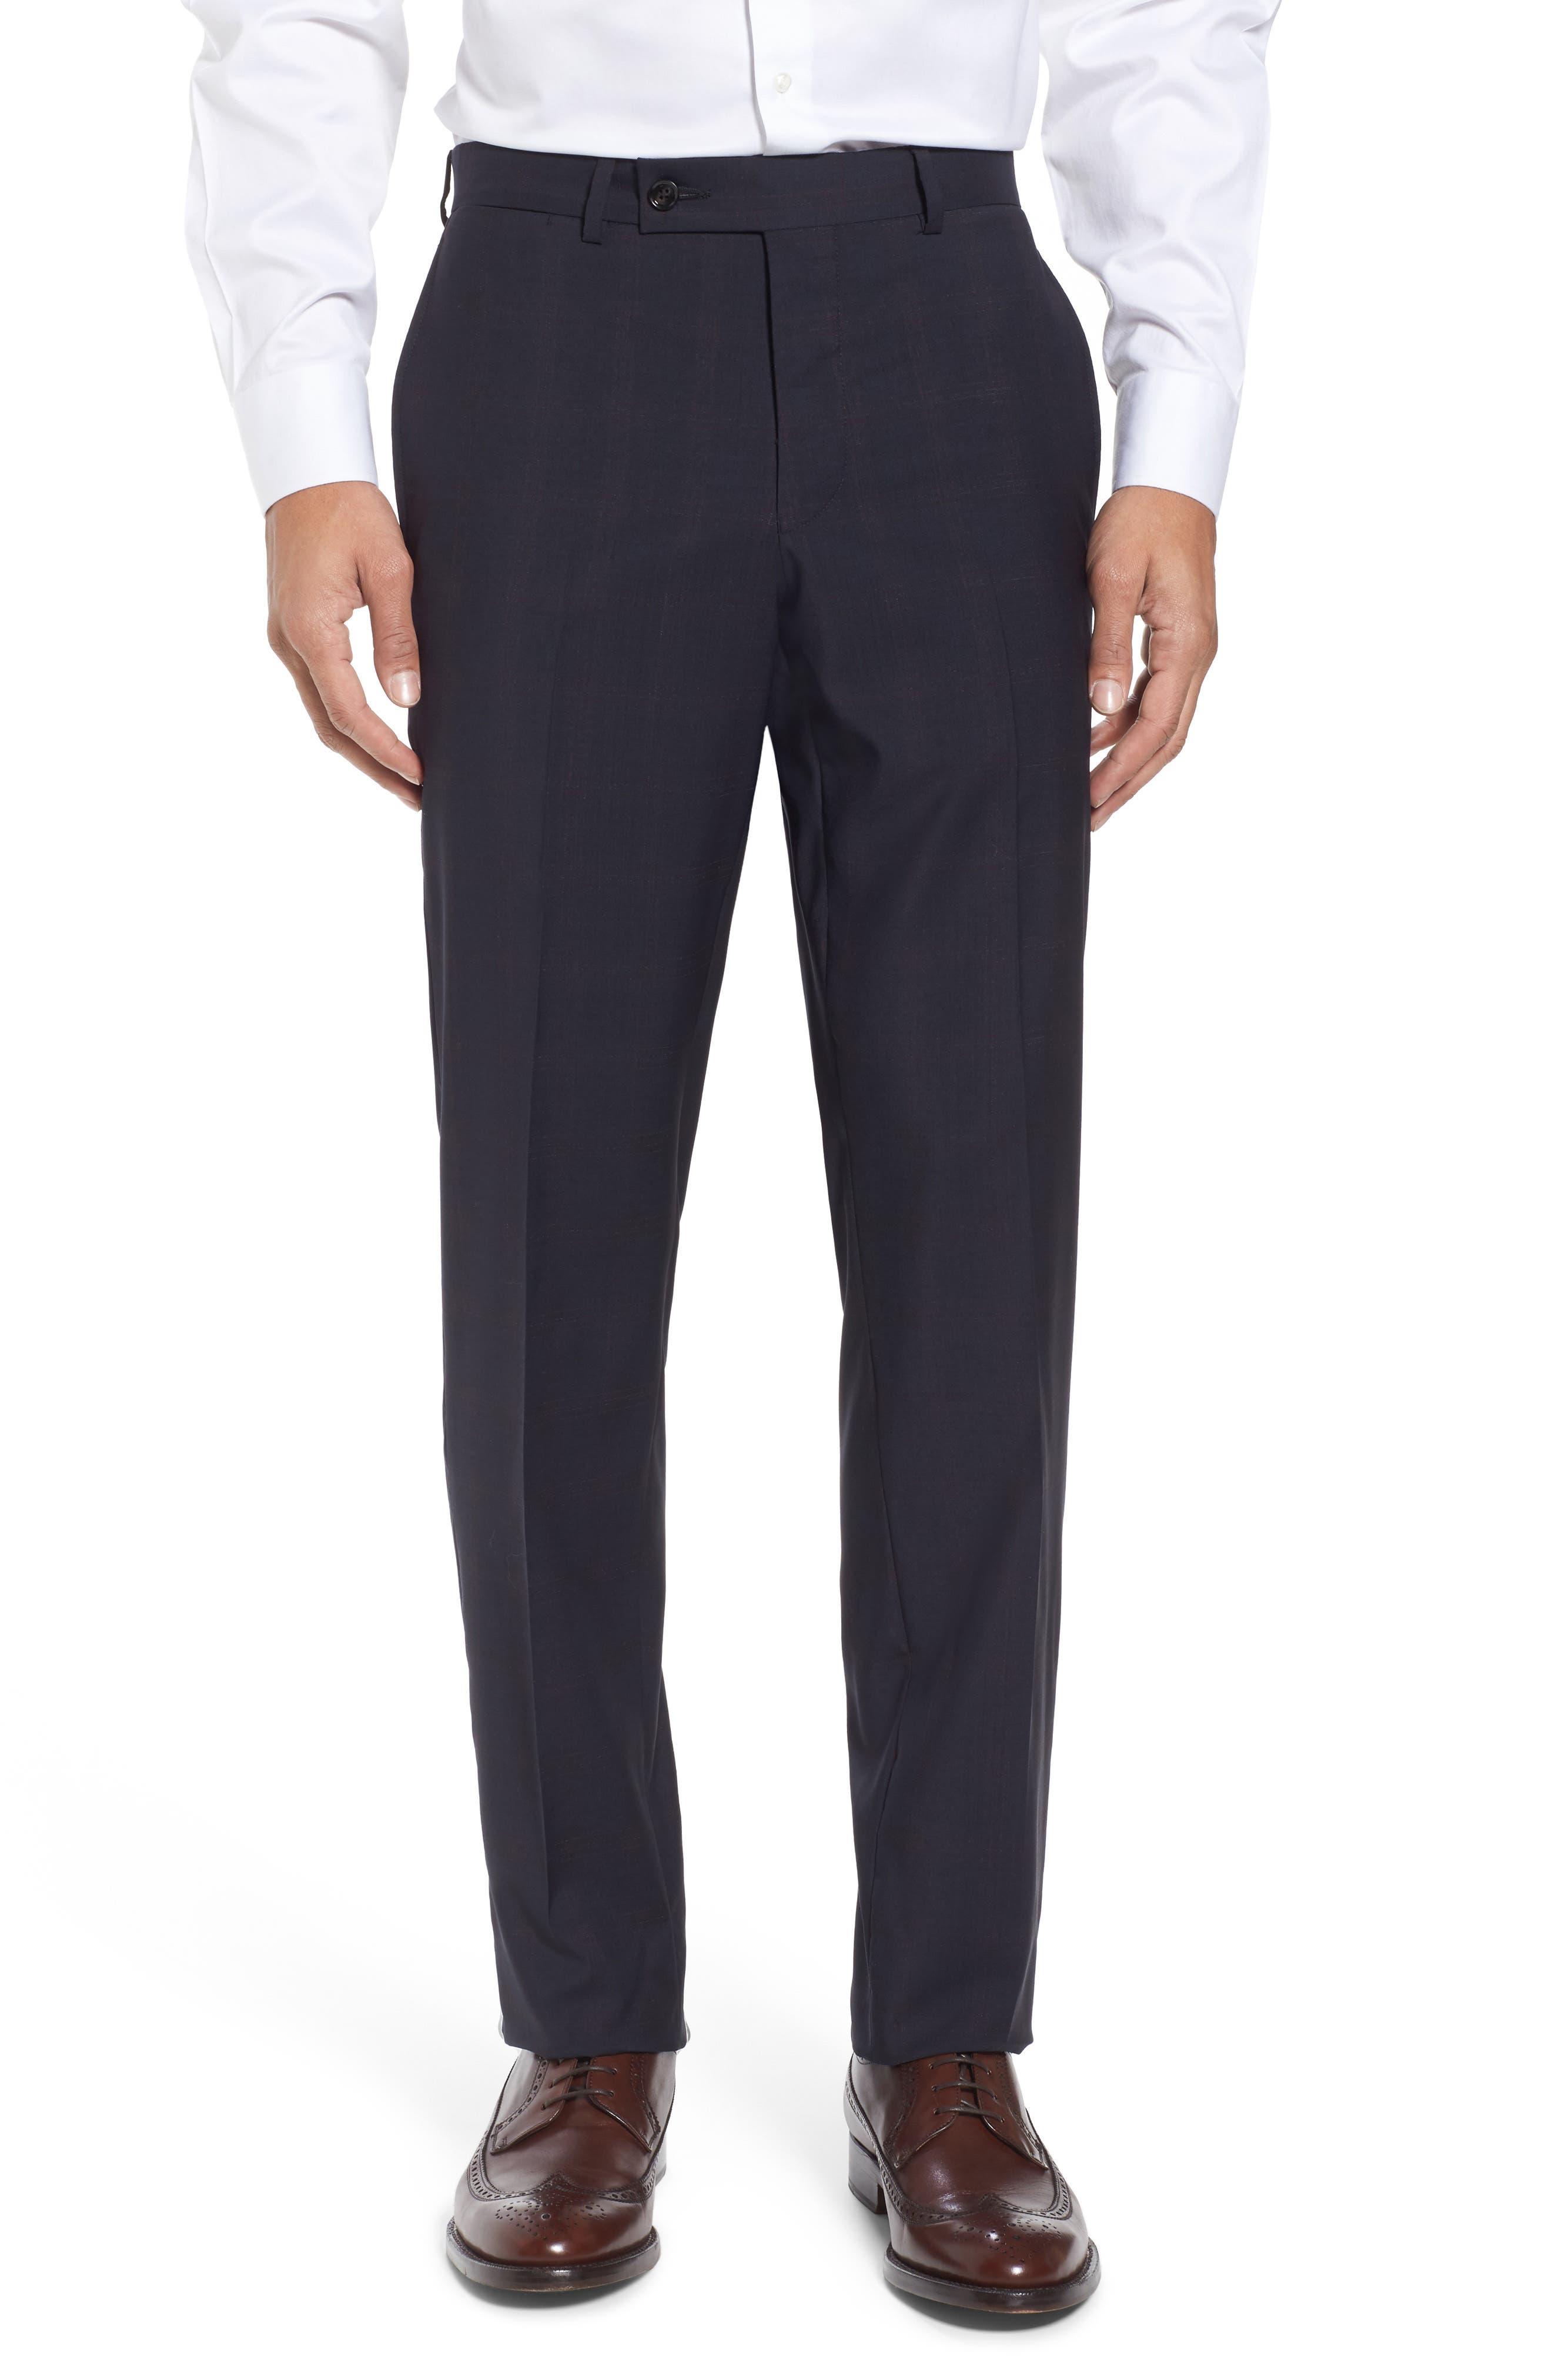 Jay Trim Fit Plaid Wool Suit,                             Alternate thumbnail 6, color,                             001